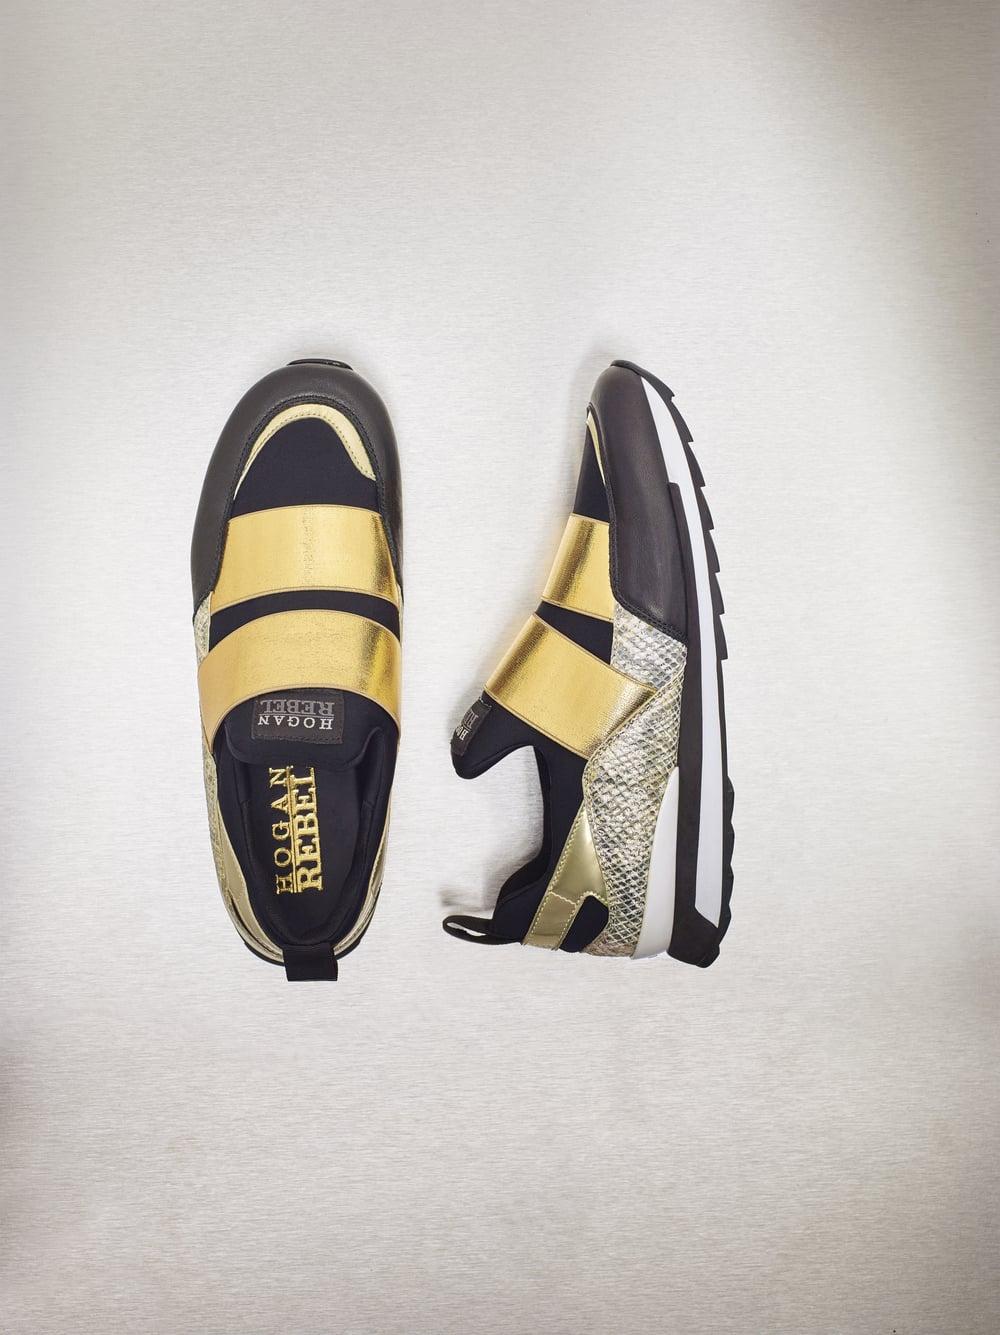 030_1_Sneakers.jpg